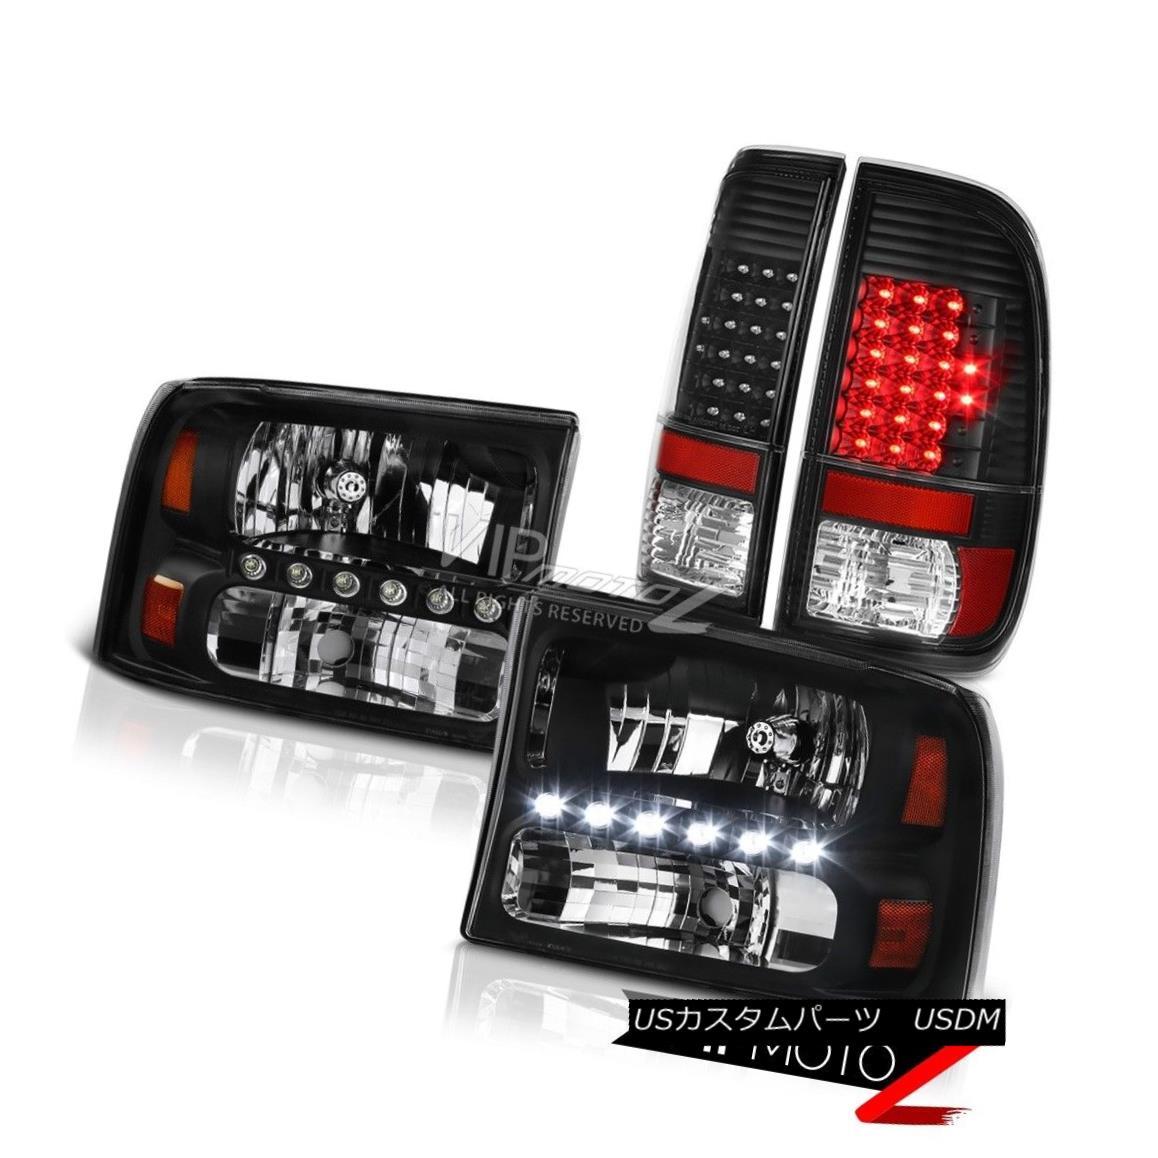 テールライト Pair Black Factory Style Headlamps Signal Tail Lights 99-04 F250 Harley Davidson ペアブラックファクトリースタイルヘッドランプ信号テールライト99-04 F250ハーレーダビッドソン